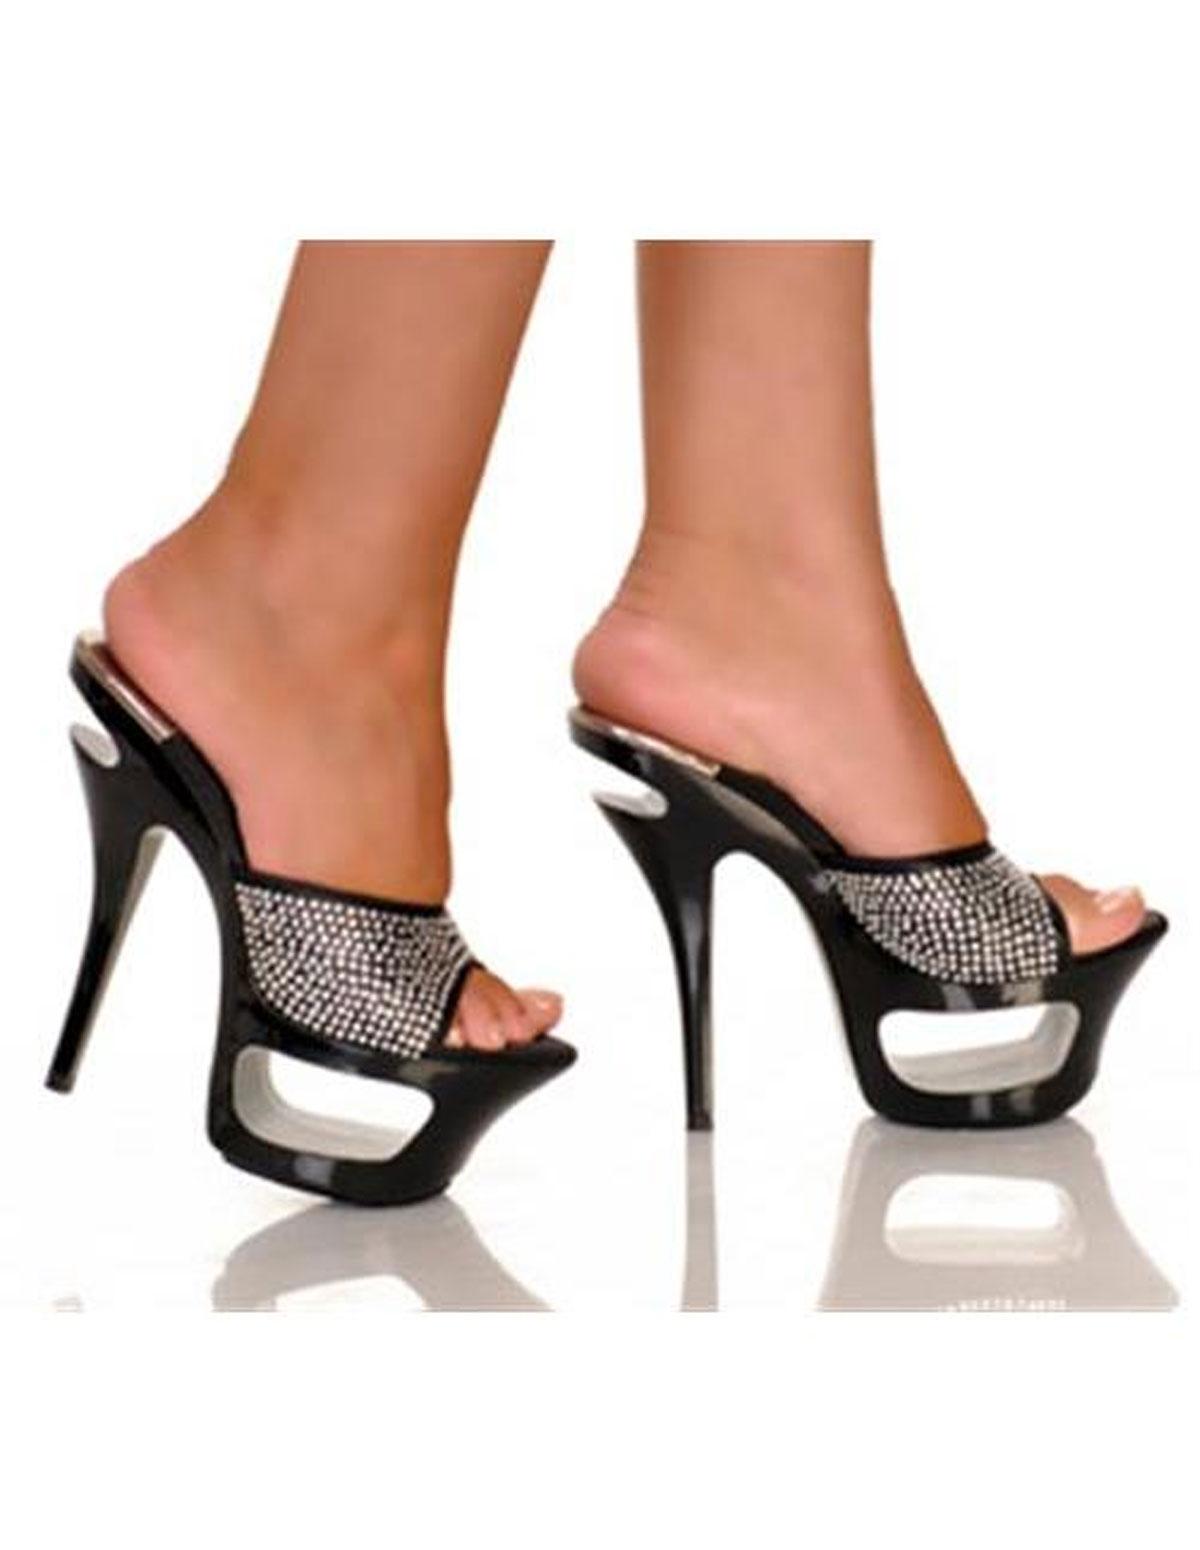 Envy Shoe